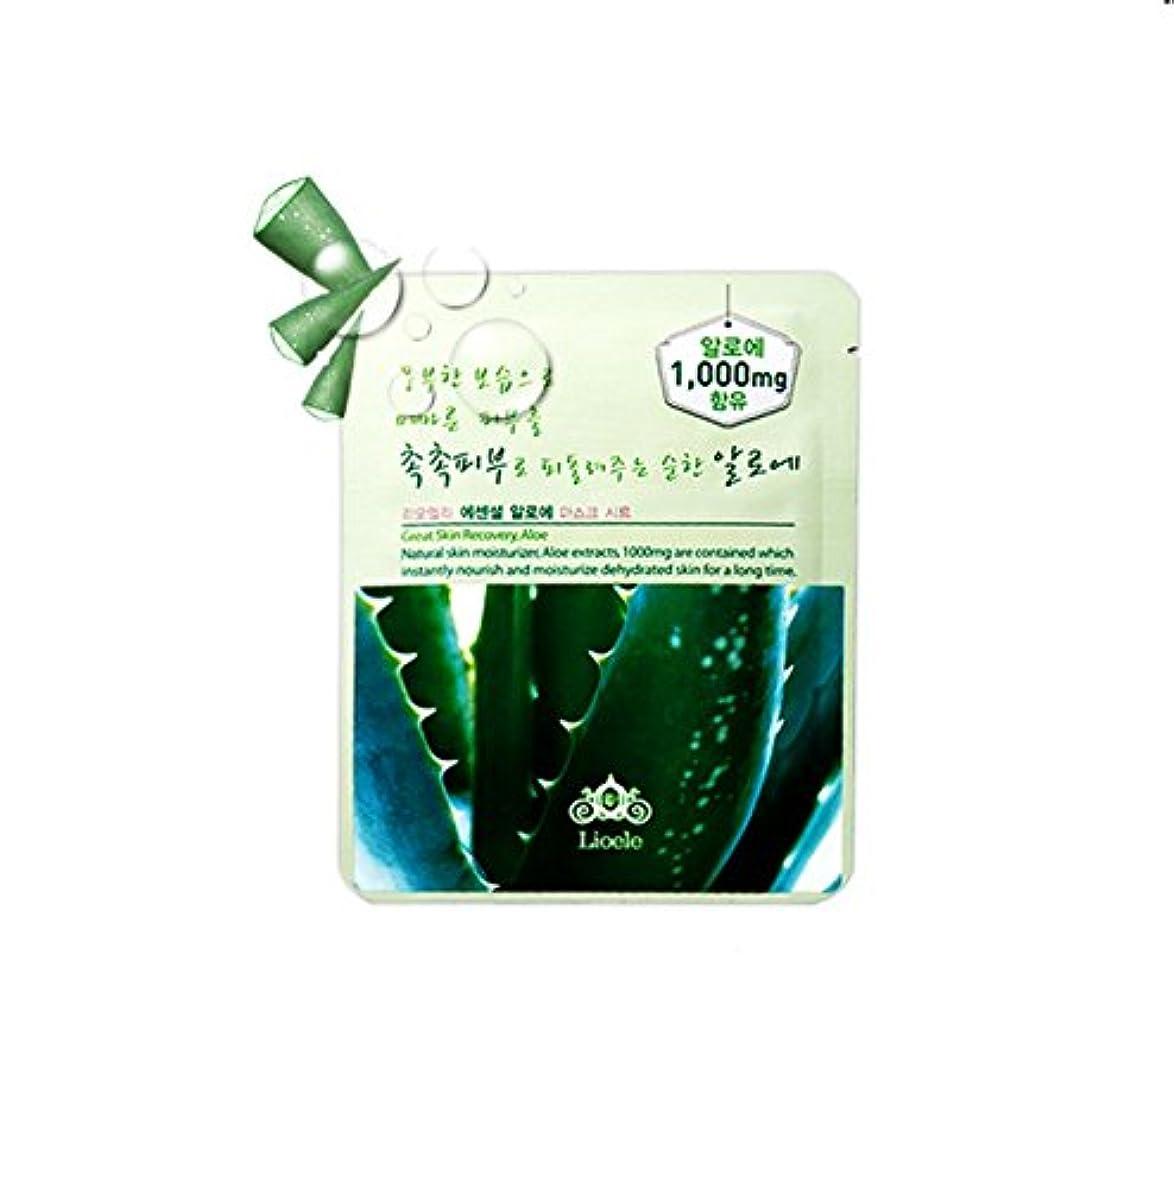 チラチラするフレームワークランタンLioele (リオエリ) エッセンシャル マスク シート / Essential Mask Sheet (アロエ (Aloe Mask Sheet)) [並行輸入品]